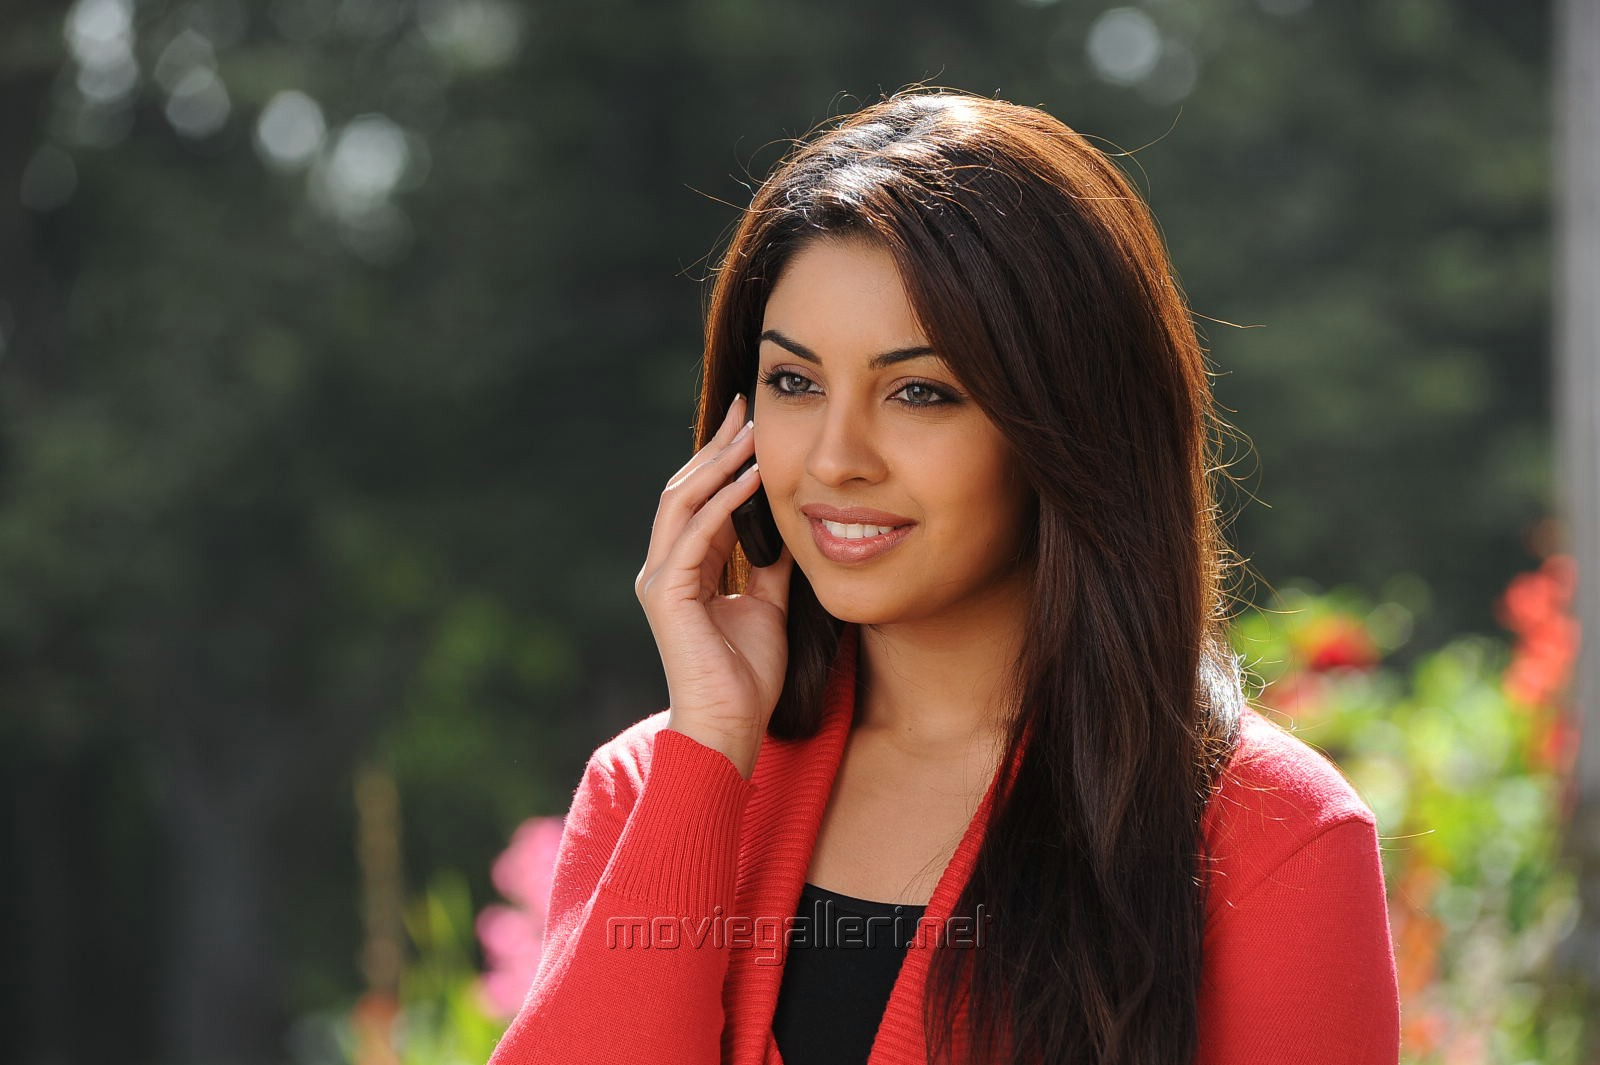 Tamil Actress Hd Wallpapers p Wallpaper